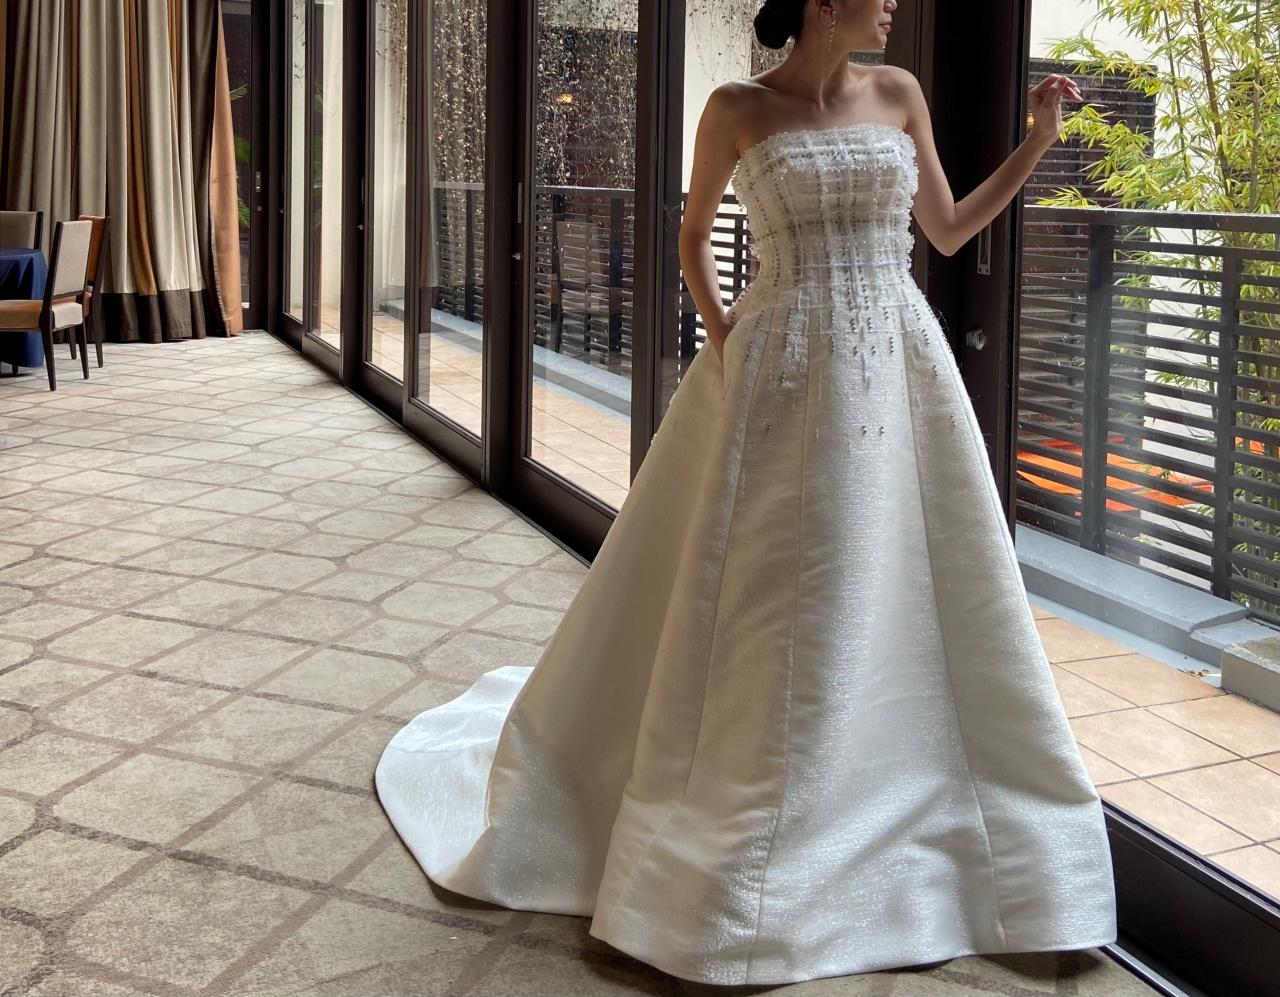 ヴィクターアンドロルフマリアージュのAラインのウエディングドレスは、ウィズザスタイルでのカジュアルなパーティーにもぴったり